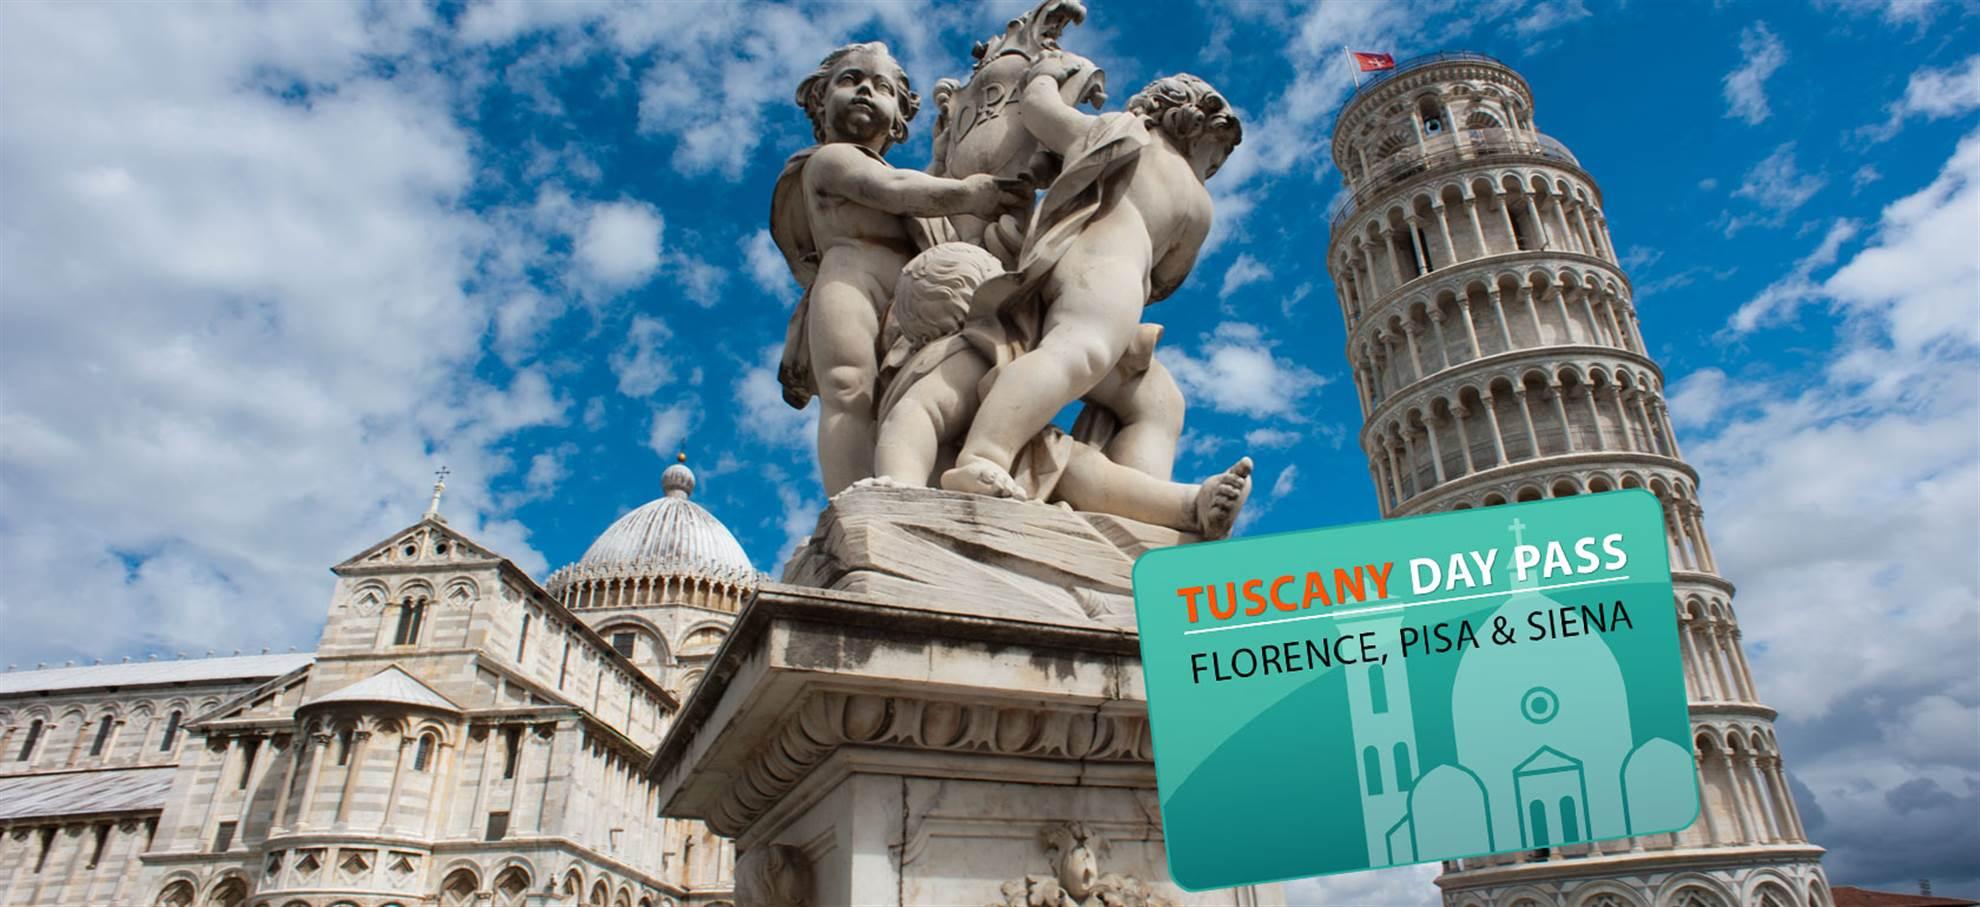 Passaporte Toscana City Pass para Florença/Pisa/Siena